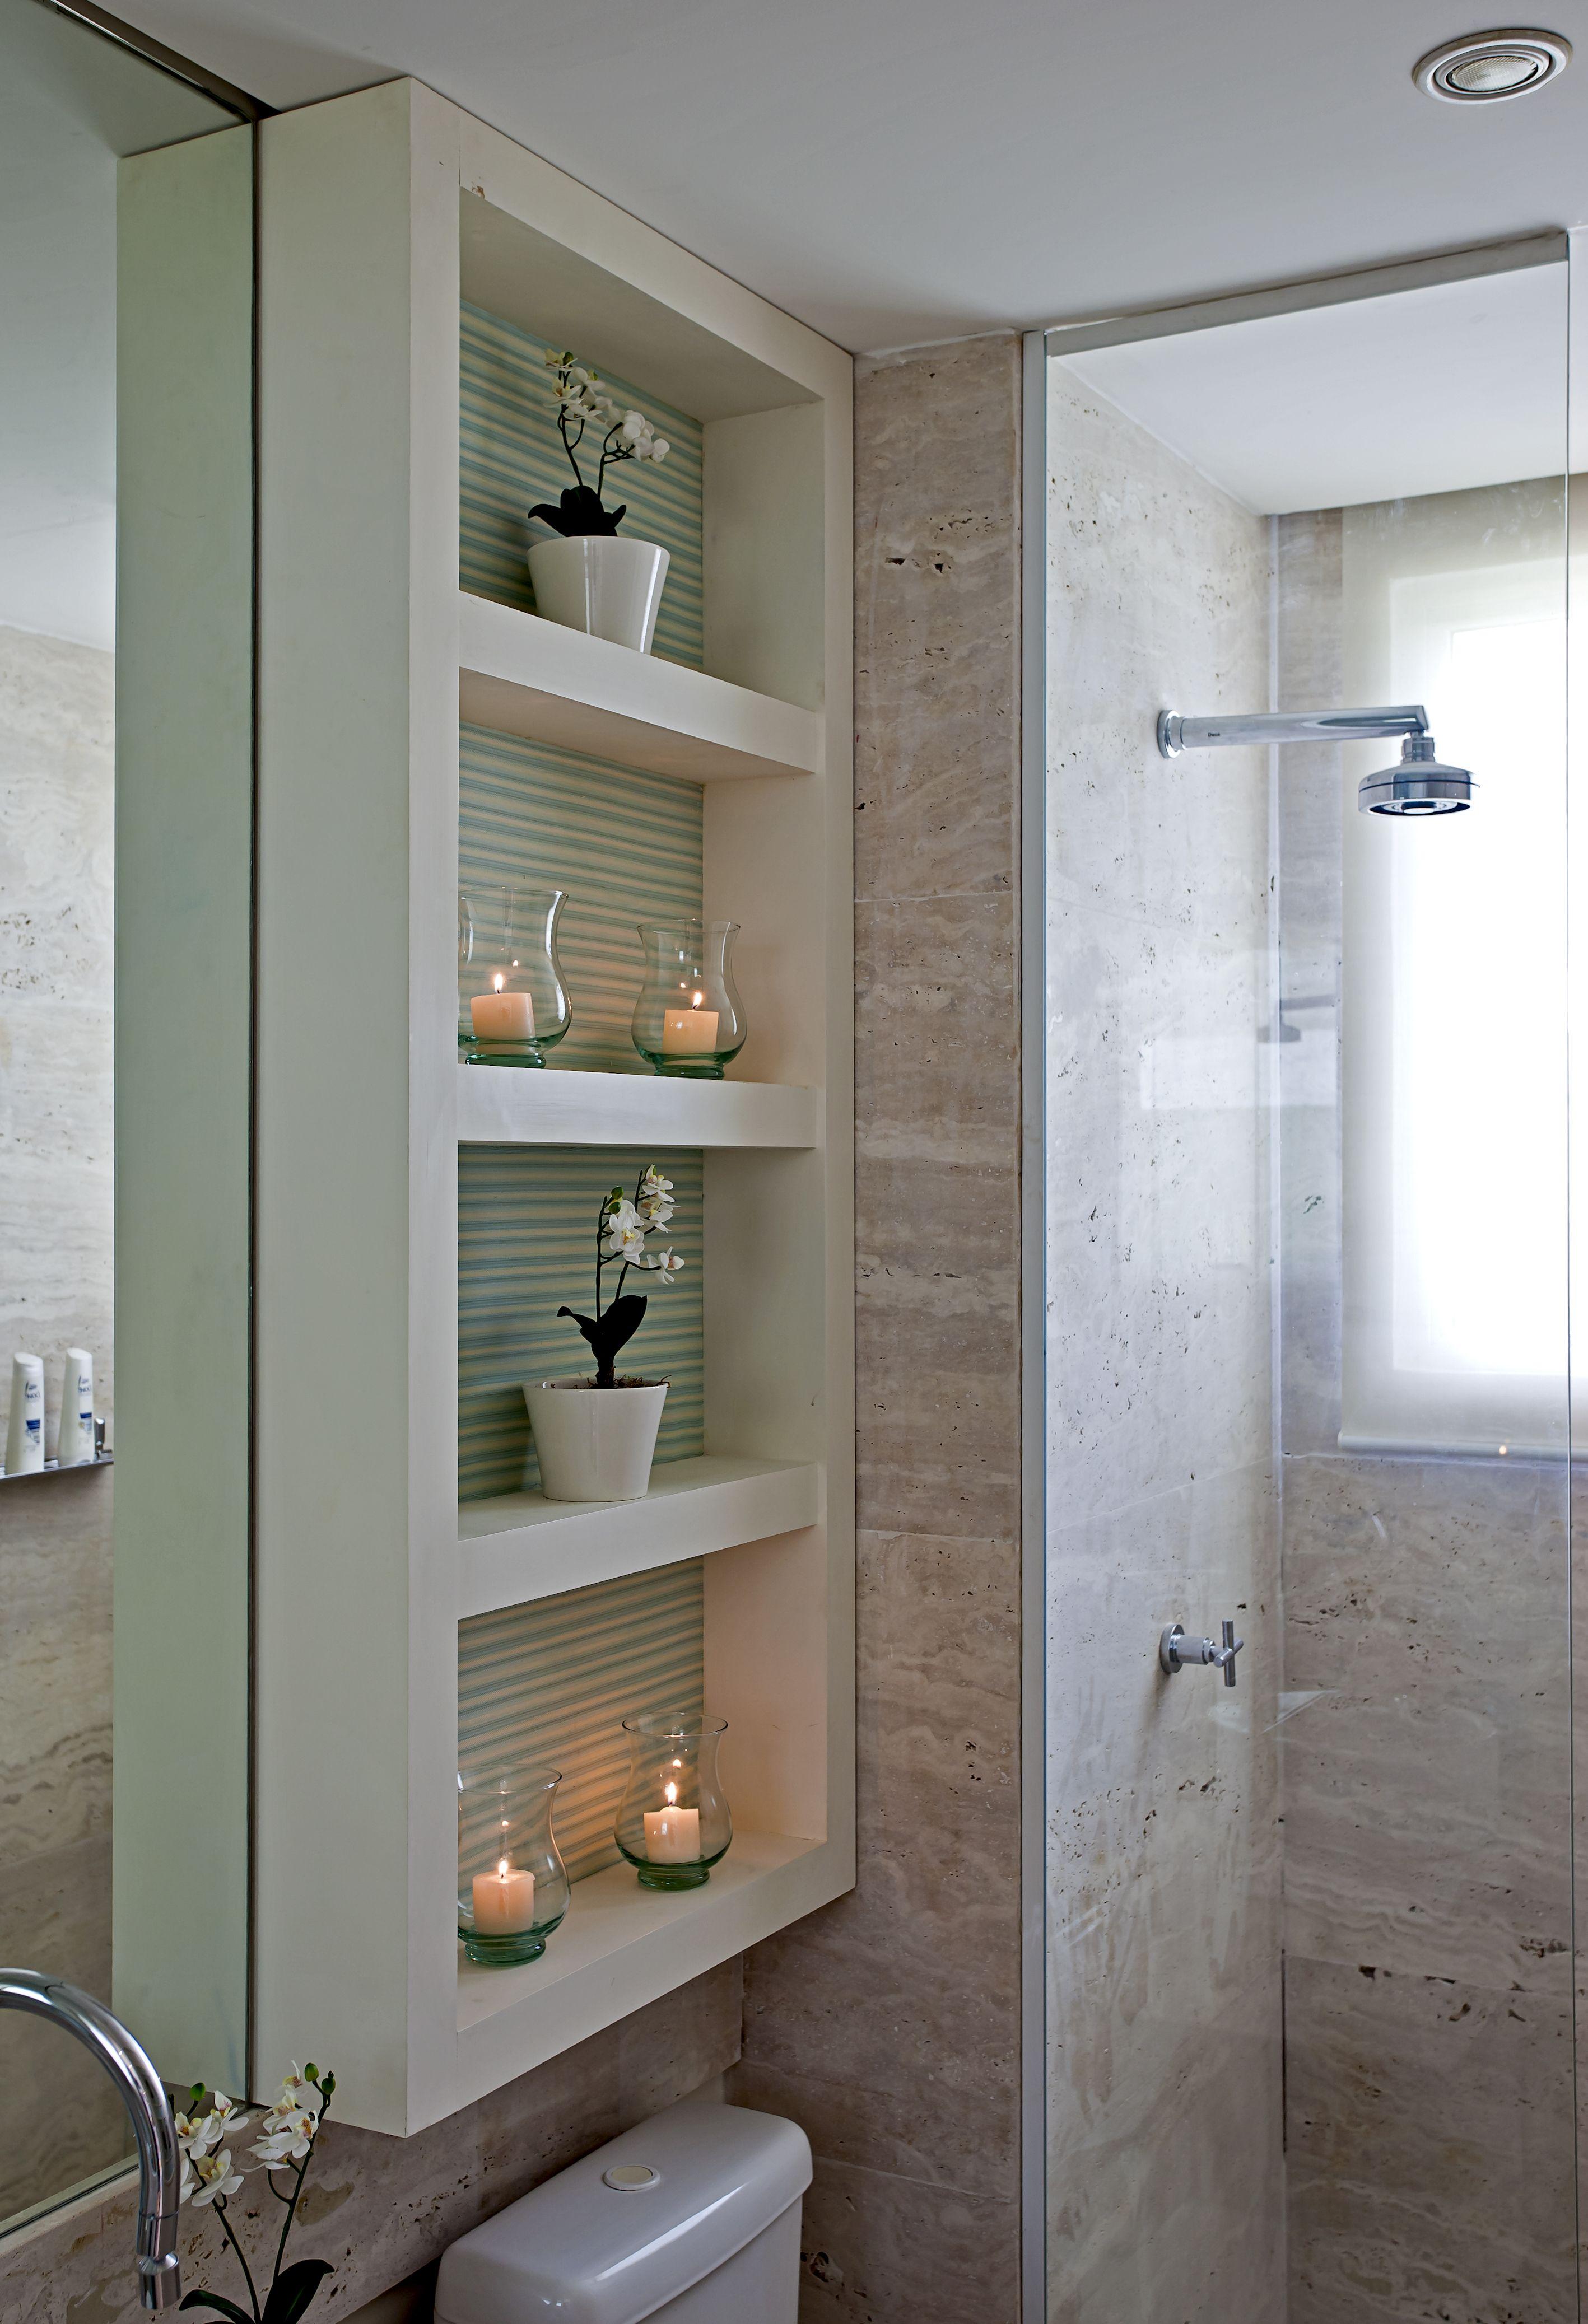 dicas-para-banheiro-pequeno-Banheiro-com-armario-acima-do-vaso-sanitario